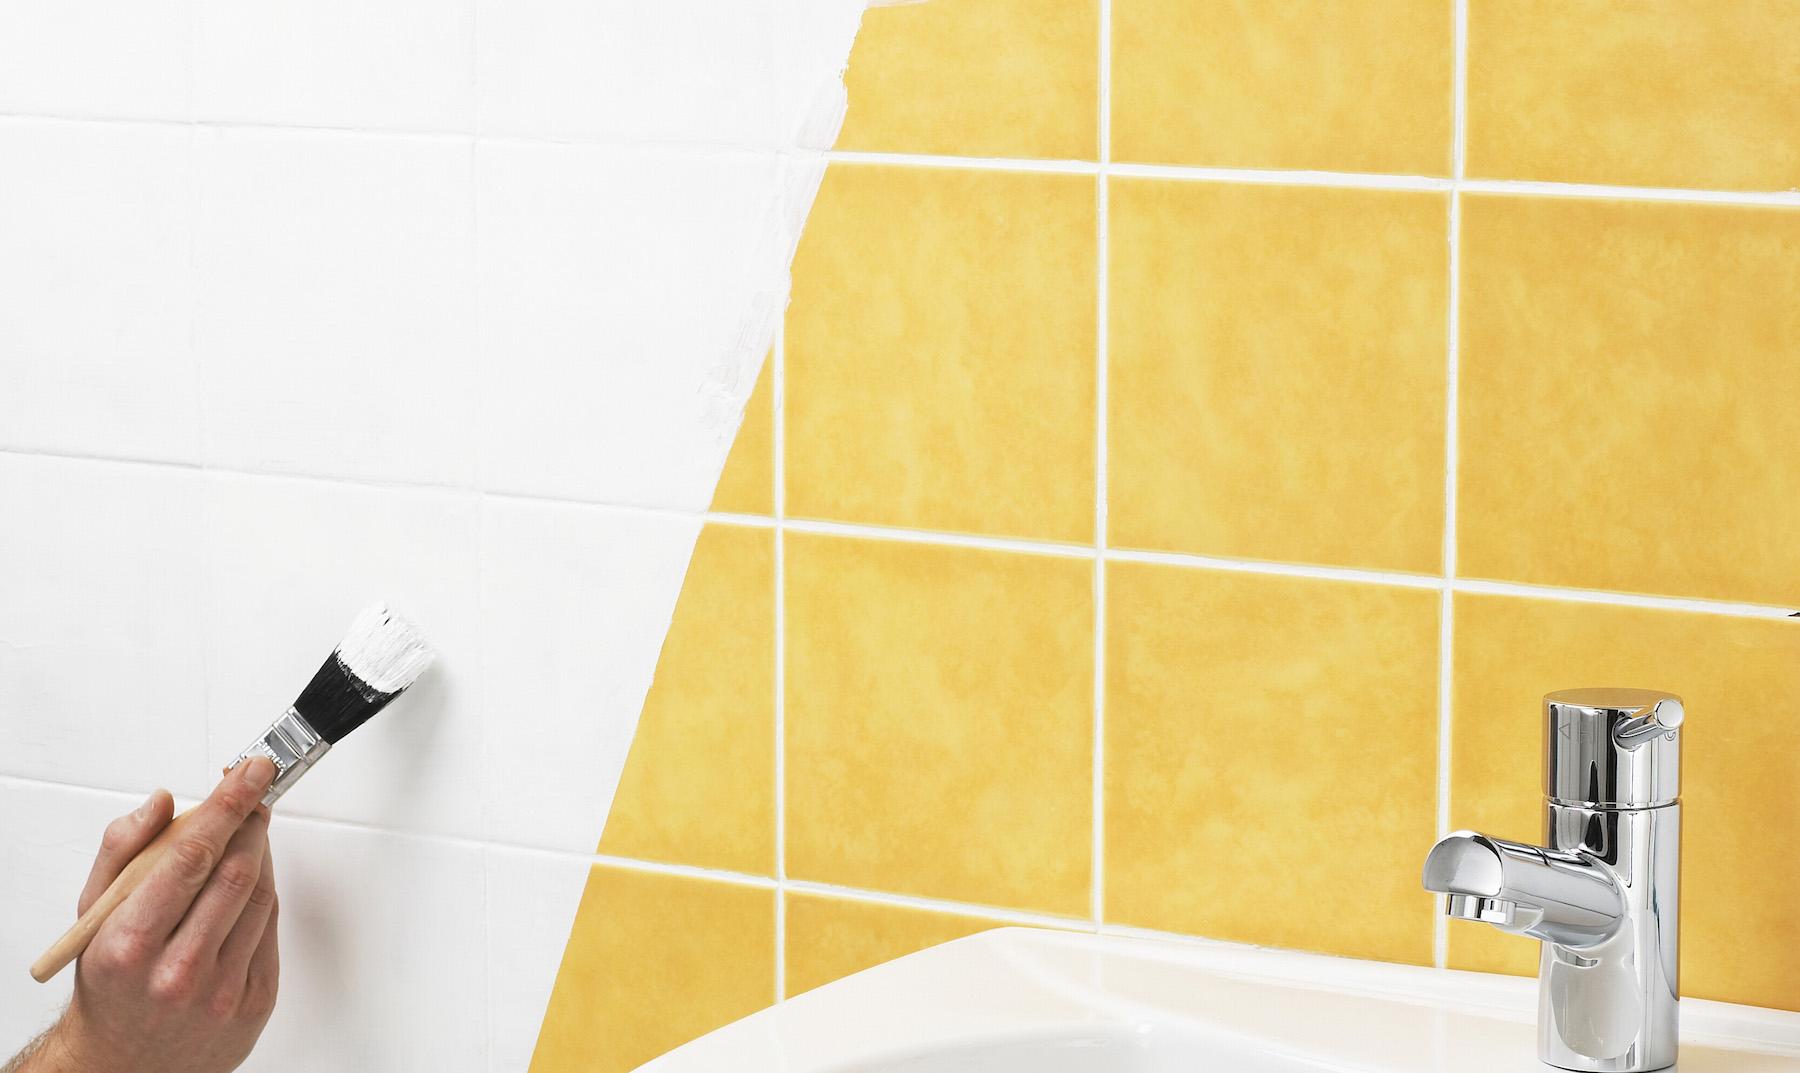 Banheiro novo sem obras como pintar o azulejo assim - Pintar azulejo ...